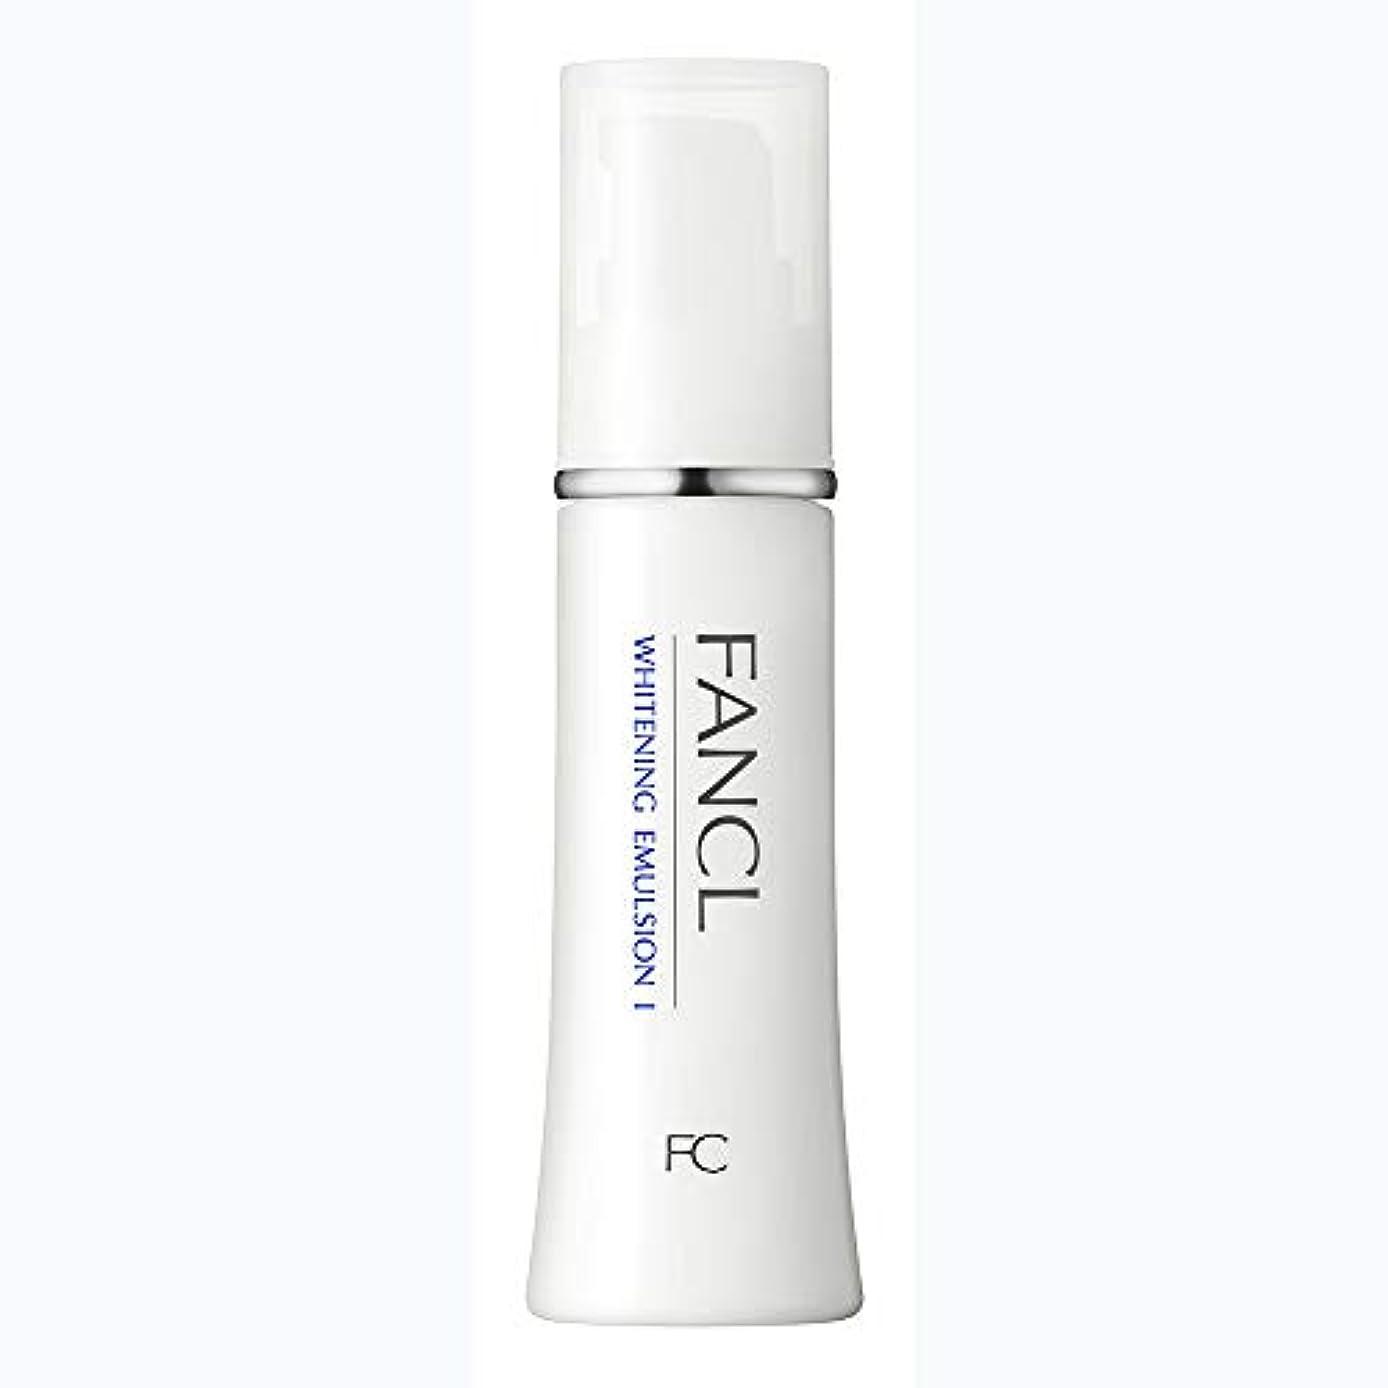 トランジスタ数値雄大なファンケル(FANCL) 新ホワイトニング 乳液 I さっぱり 1本 30mL<医薬部外品>